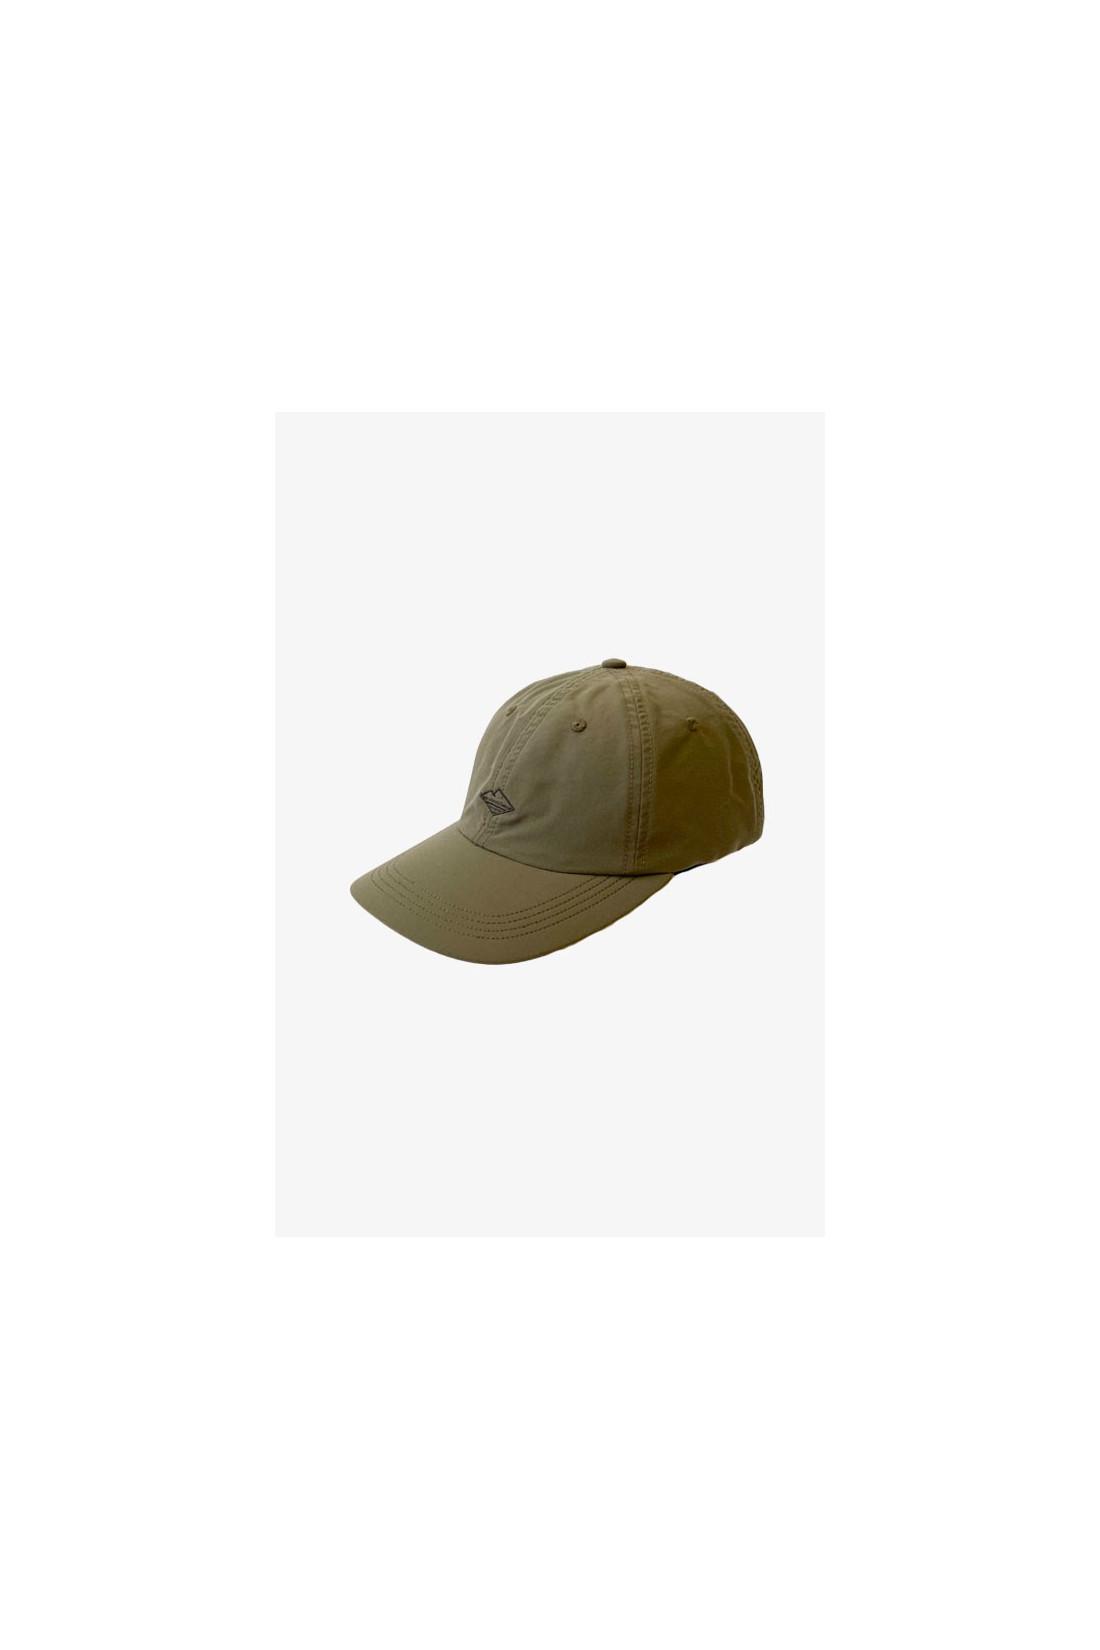 BATTENWEAR / Nylon field cap Olive